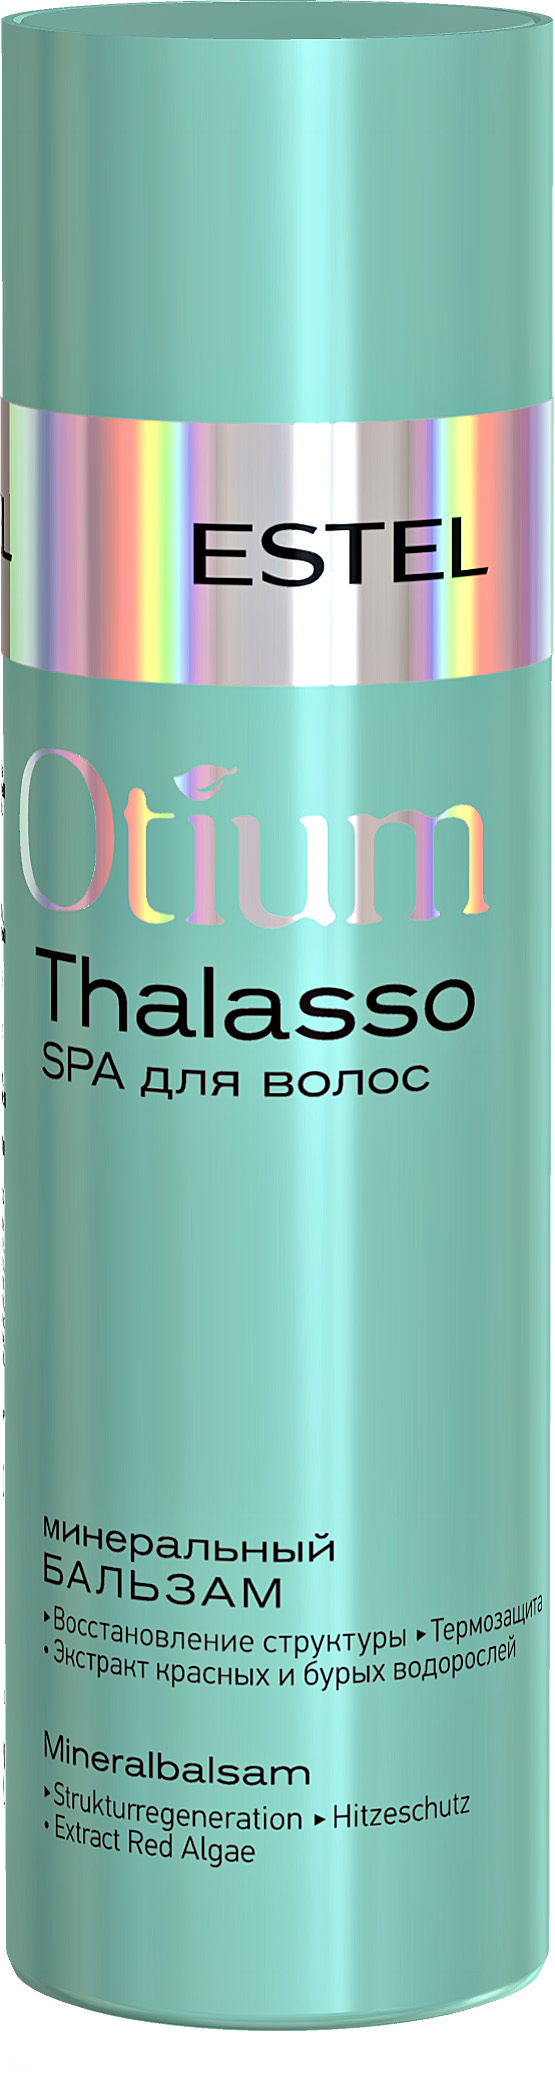 ESTEL PROFESSIONAL Бальзам минеральный для волос / OTIUM THALASSO Balsam 200 мл